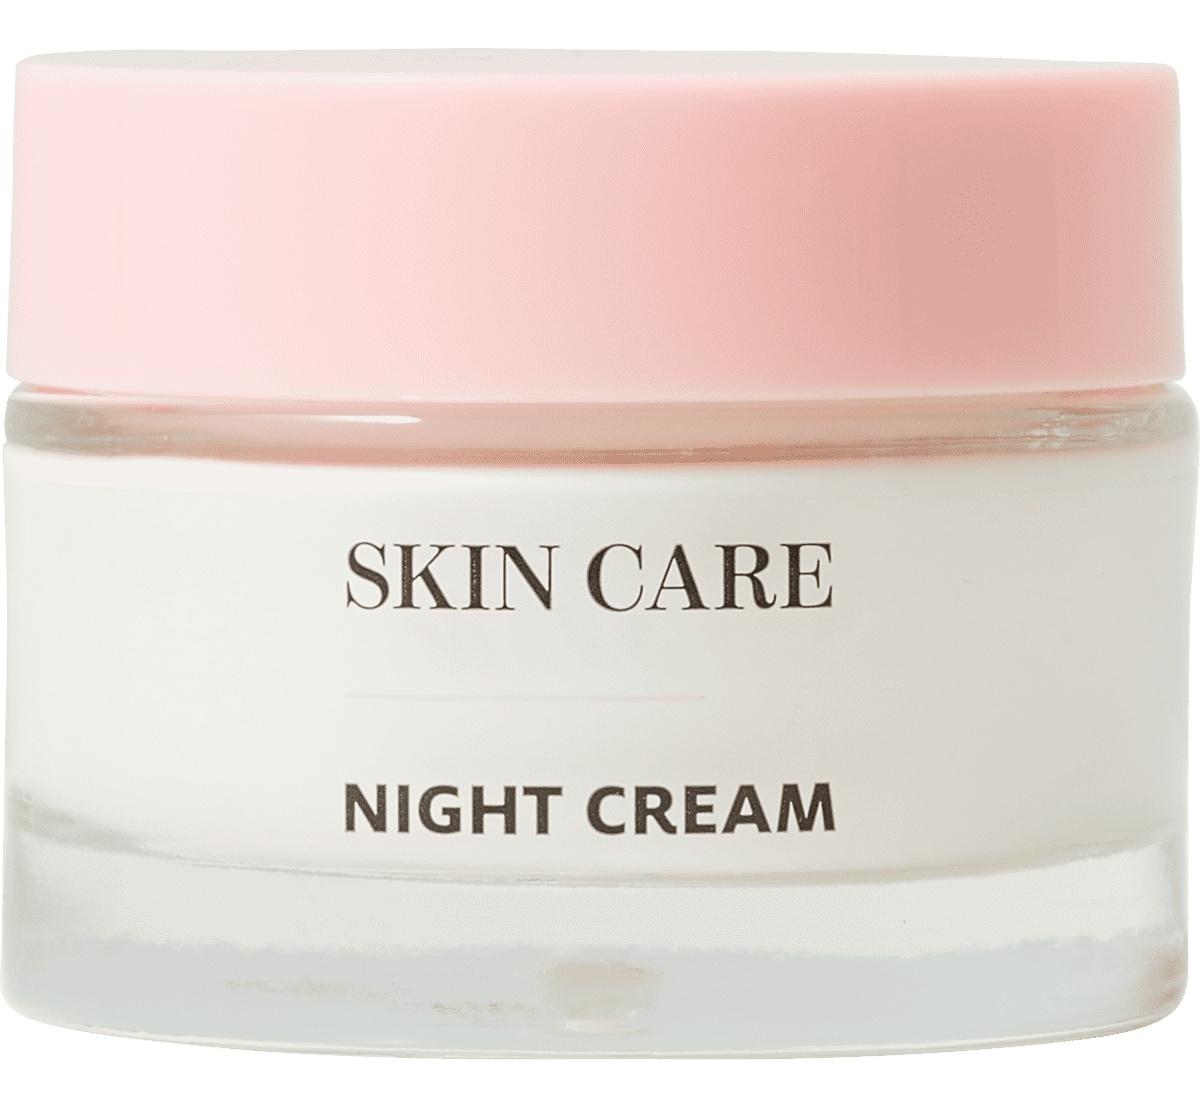 Etos Skin Care Night Cream